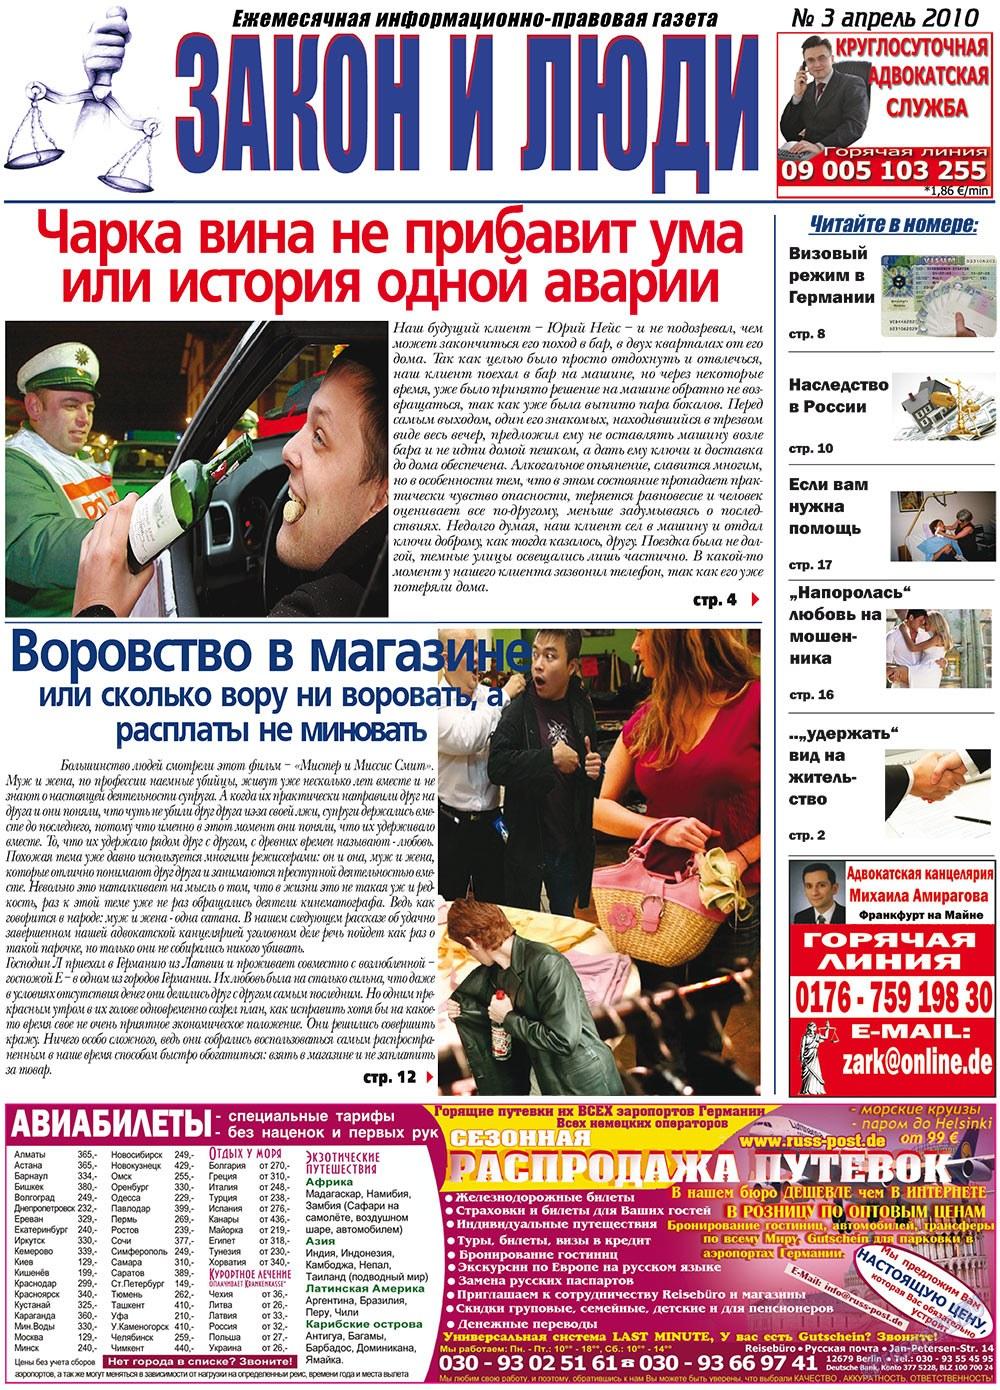 Закон и люди (газета). 2010 год, номер 3, стр. 1